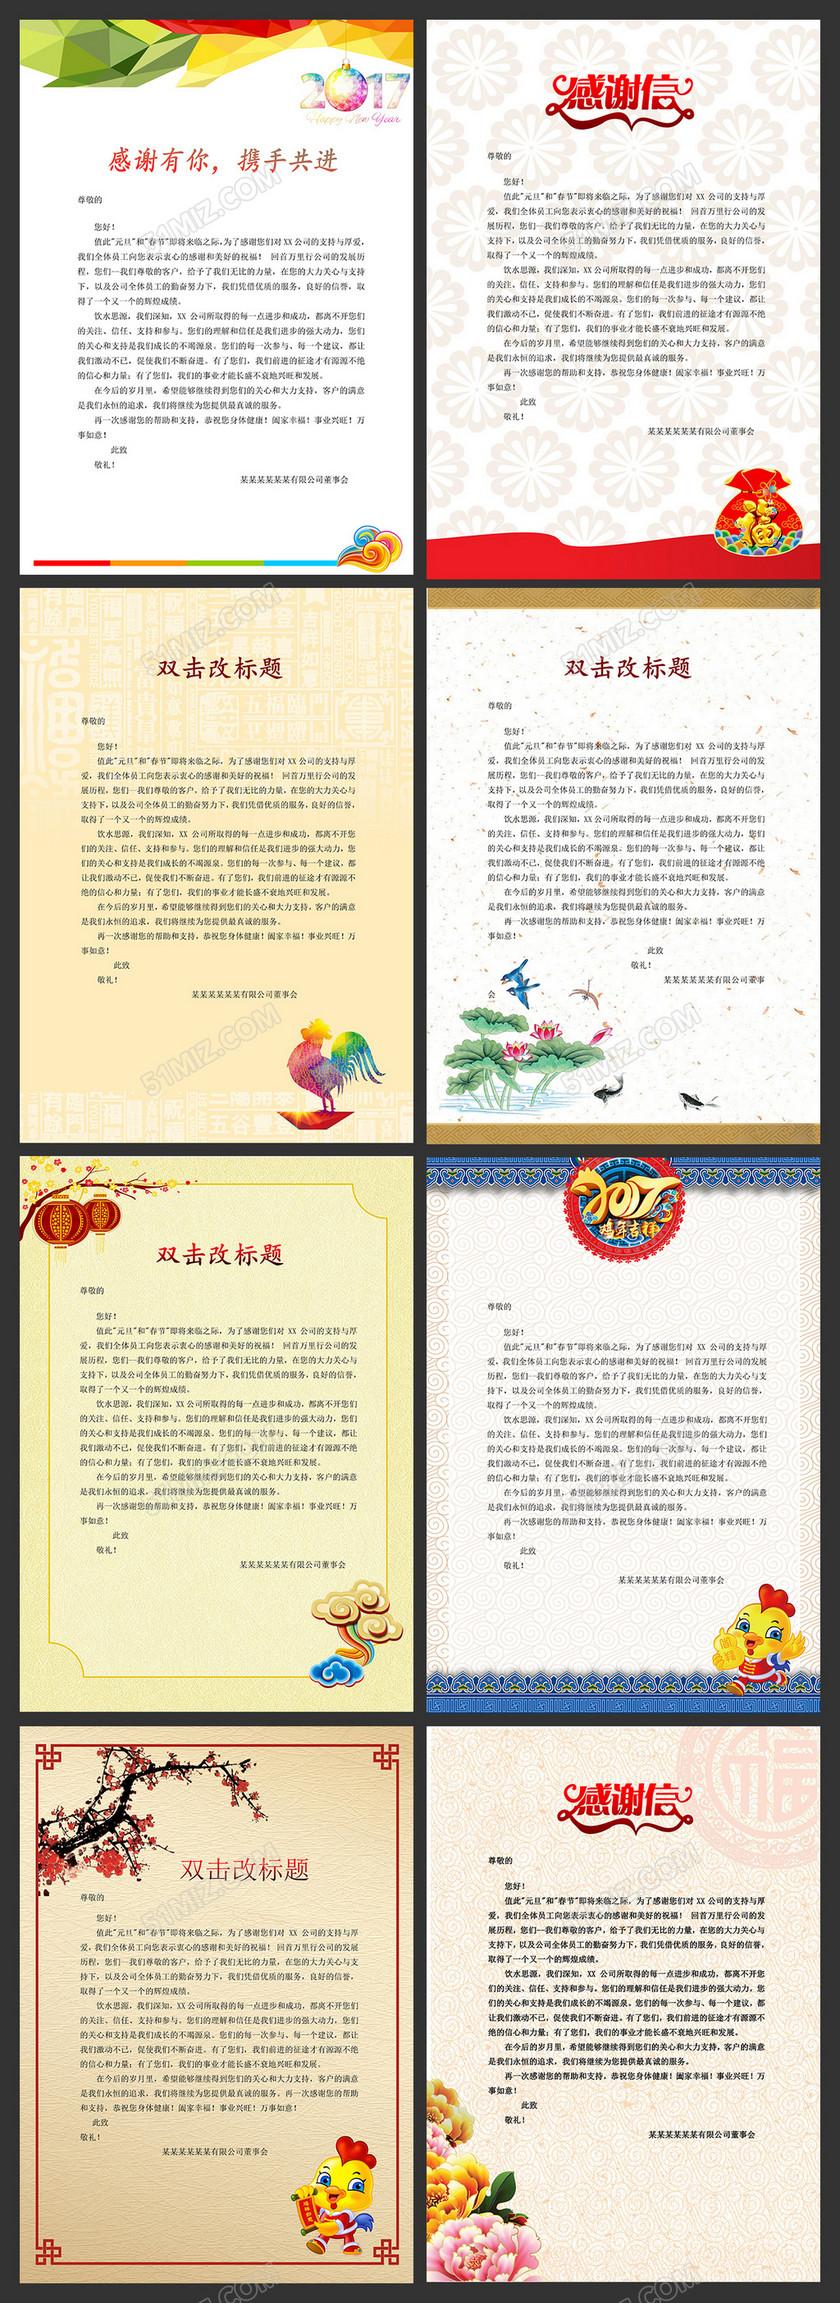 2017鸡年新年信纸模板感谢信范文